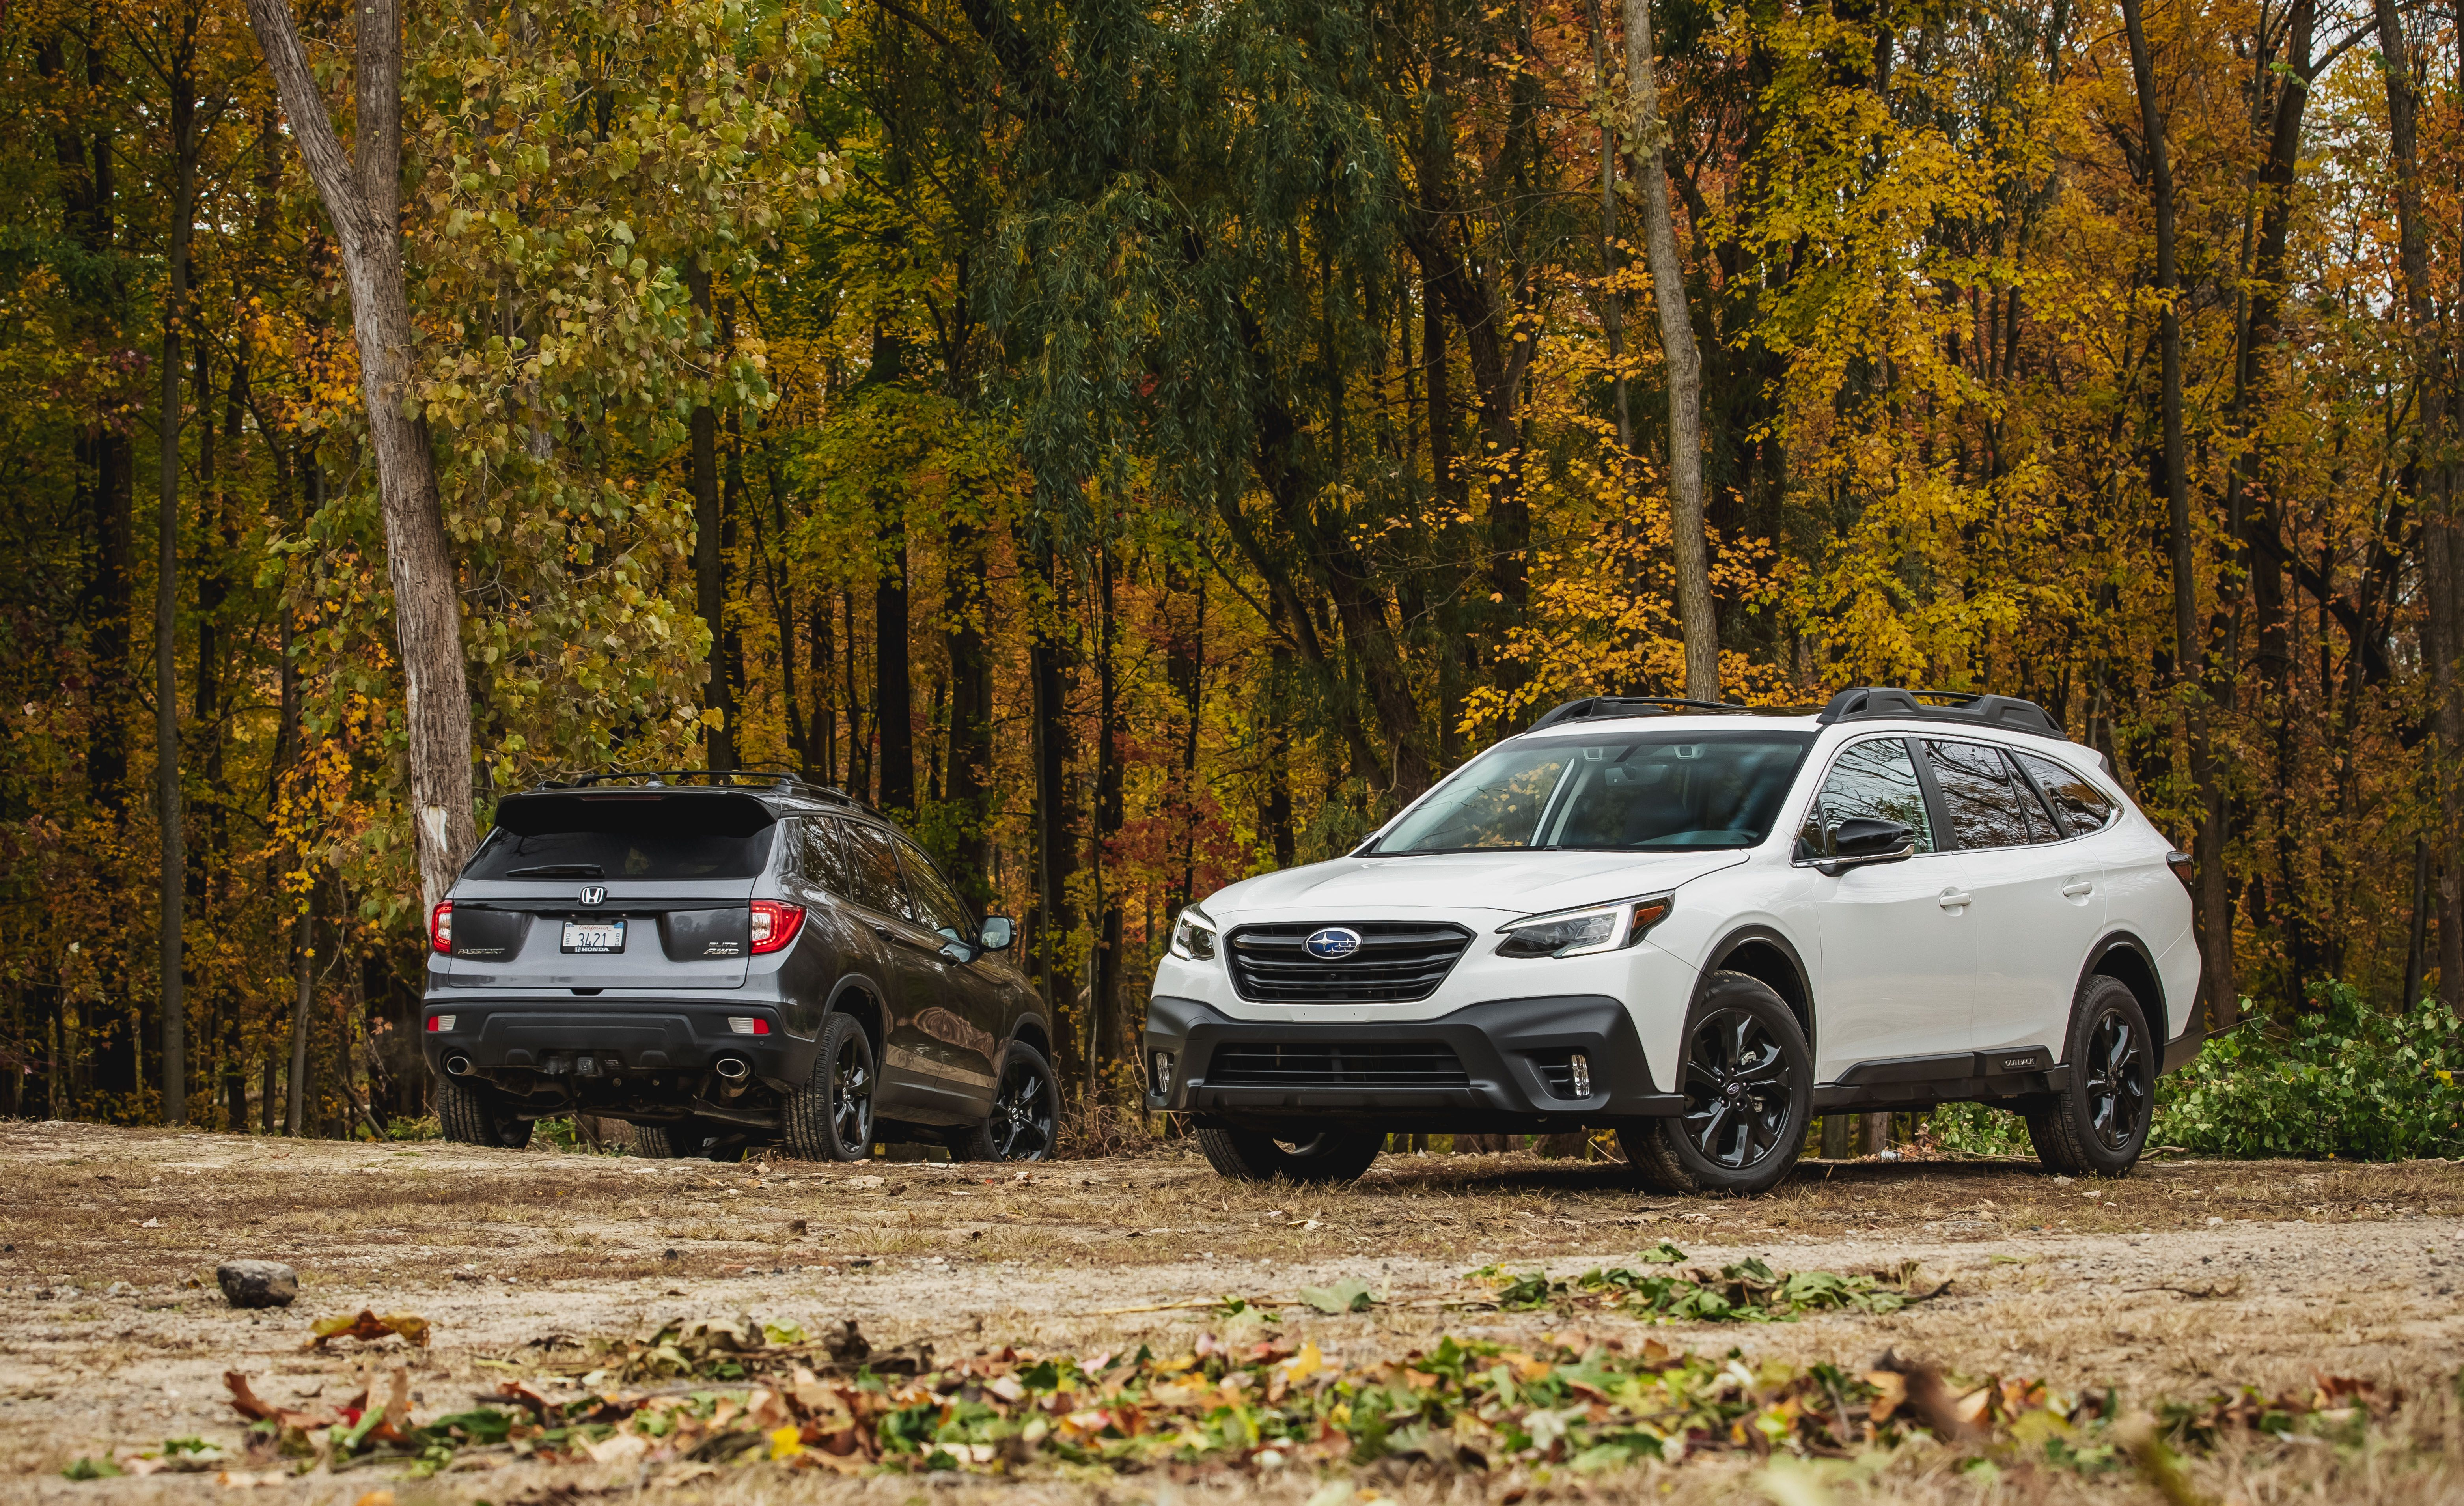 2020 Subaru Outback Vs 2019 Honda Passport Mid Size Suv Comparison